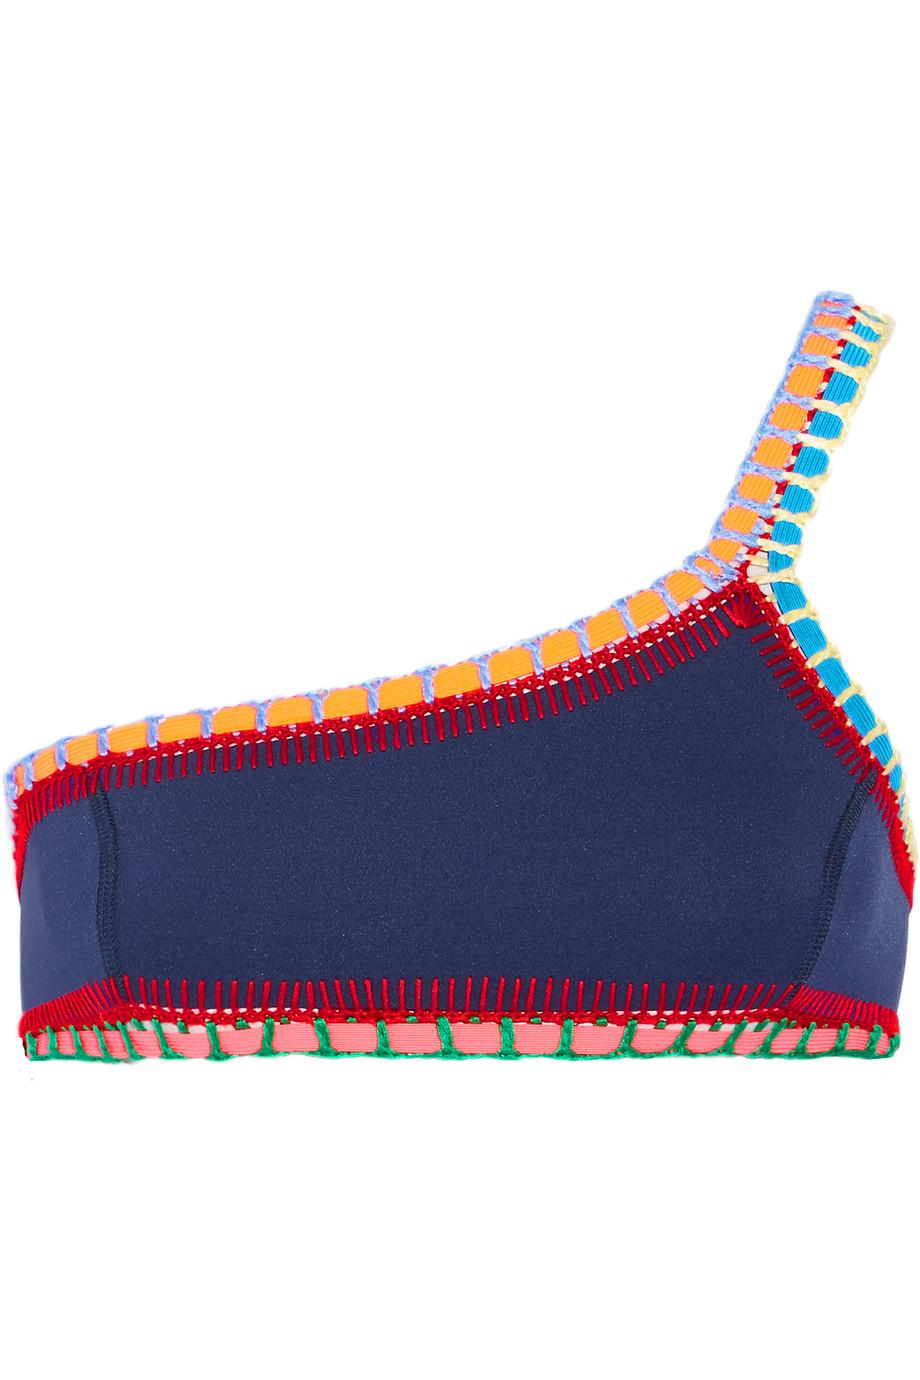 Tasmin Crochet-Trimmed Bikini Top, Navy, Women's, Size: L